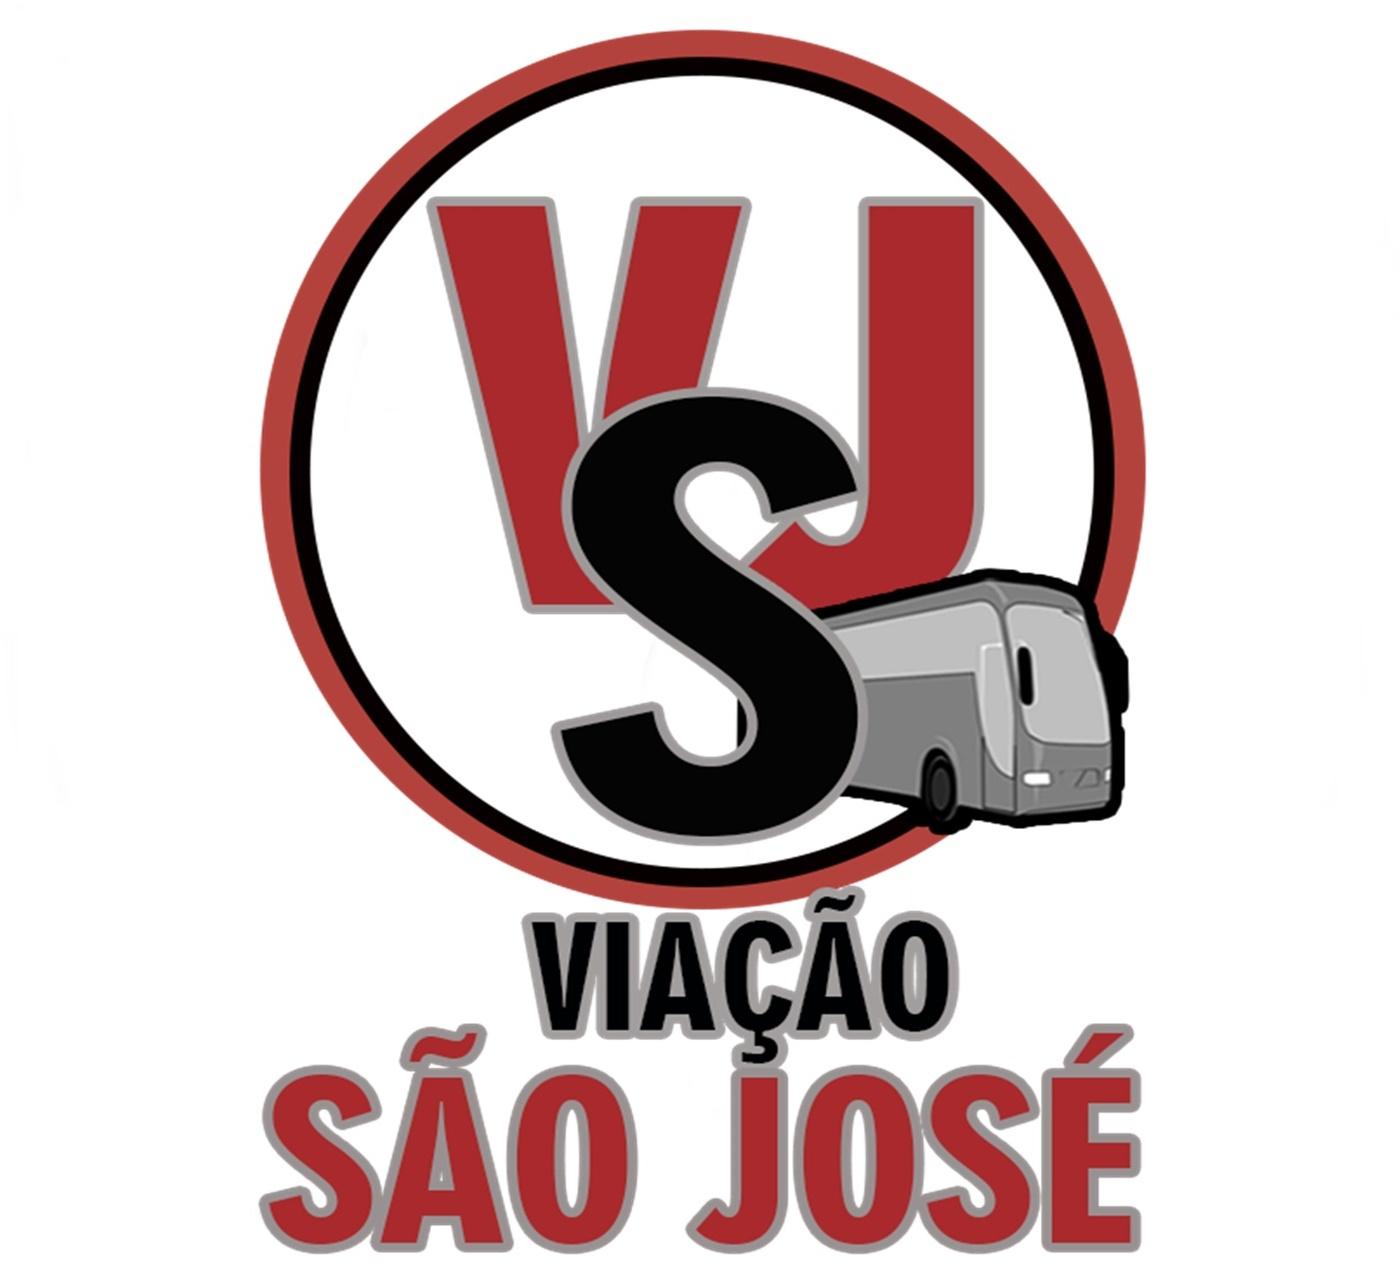 VIAÇÃO SÃO JOSÉ!